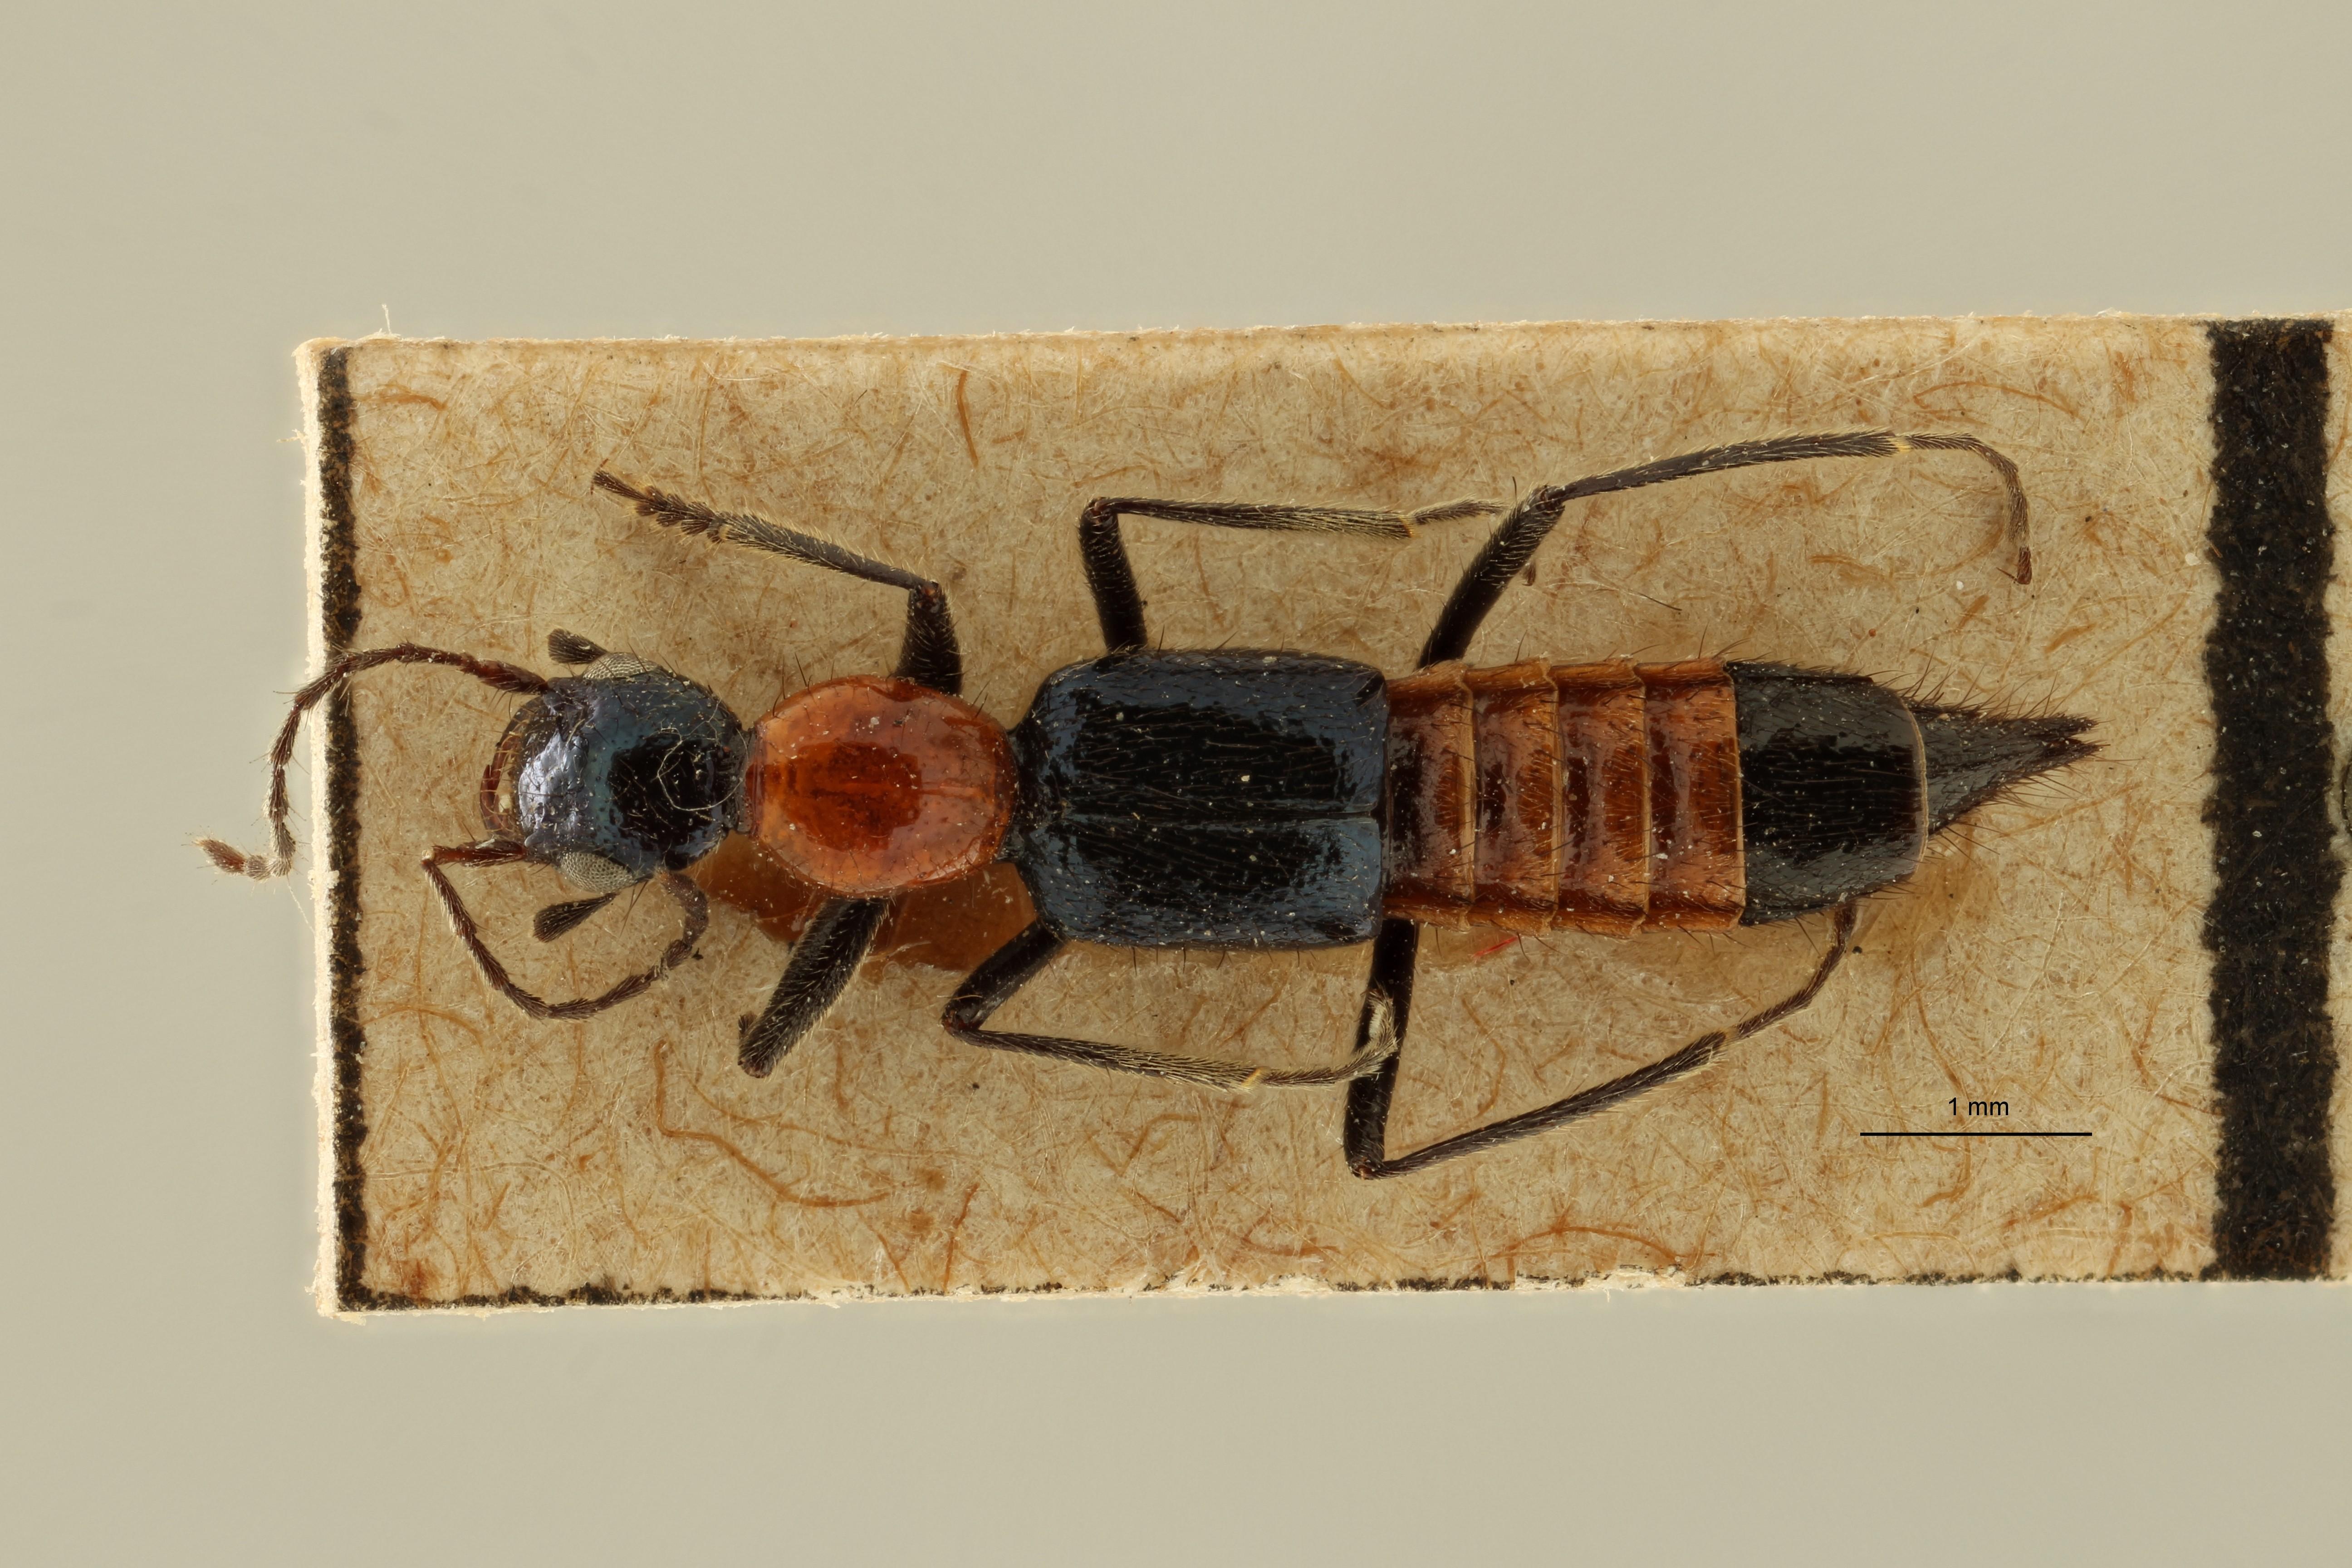 Paederus (Eopaedus) birmanus et D ZS PMax Scaled.jpeg